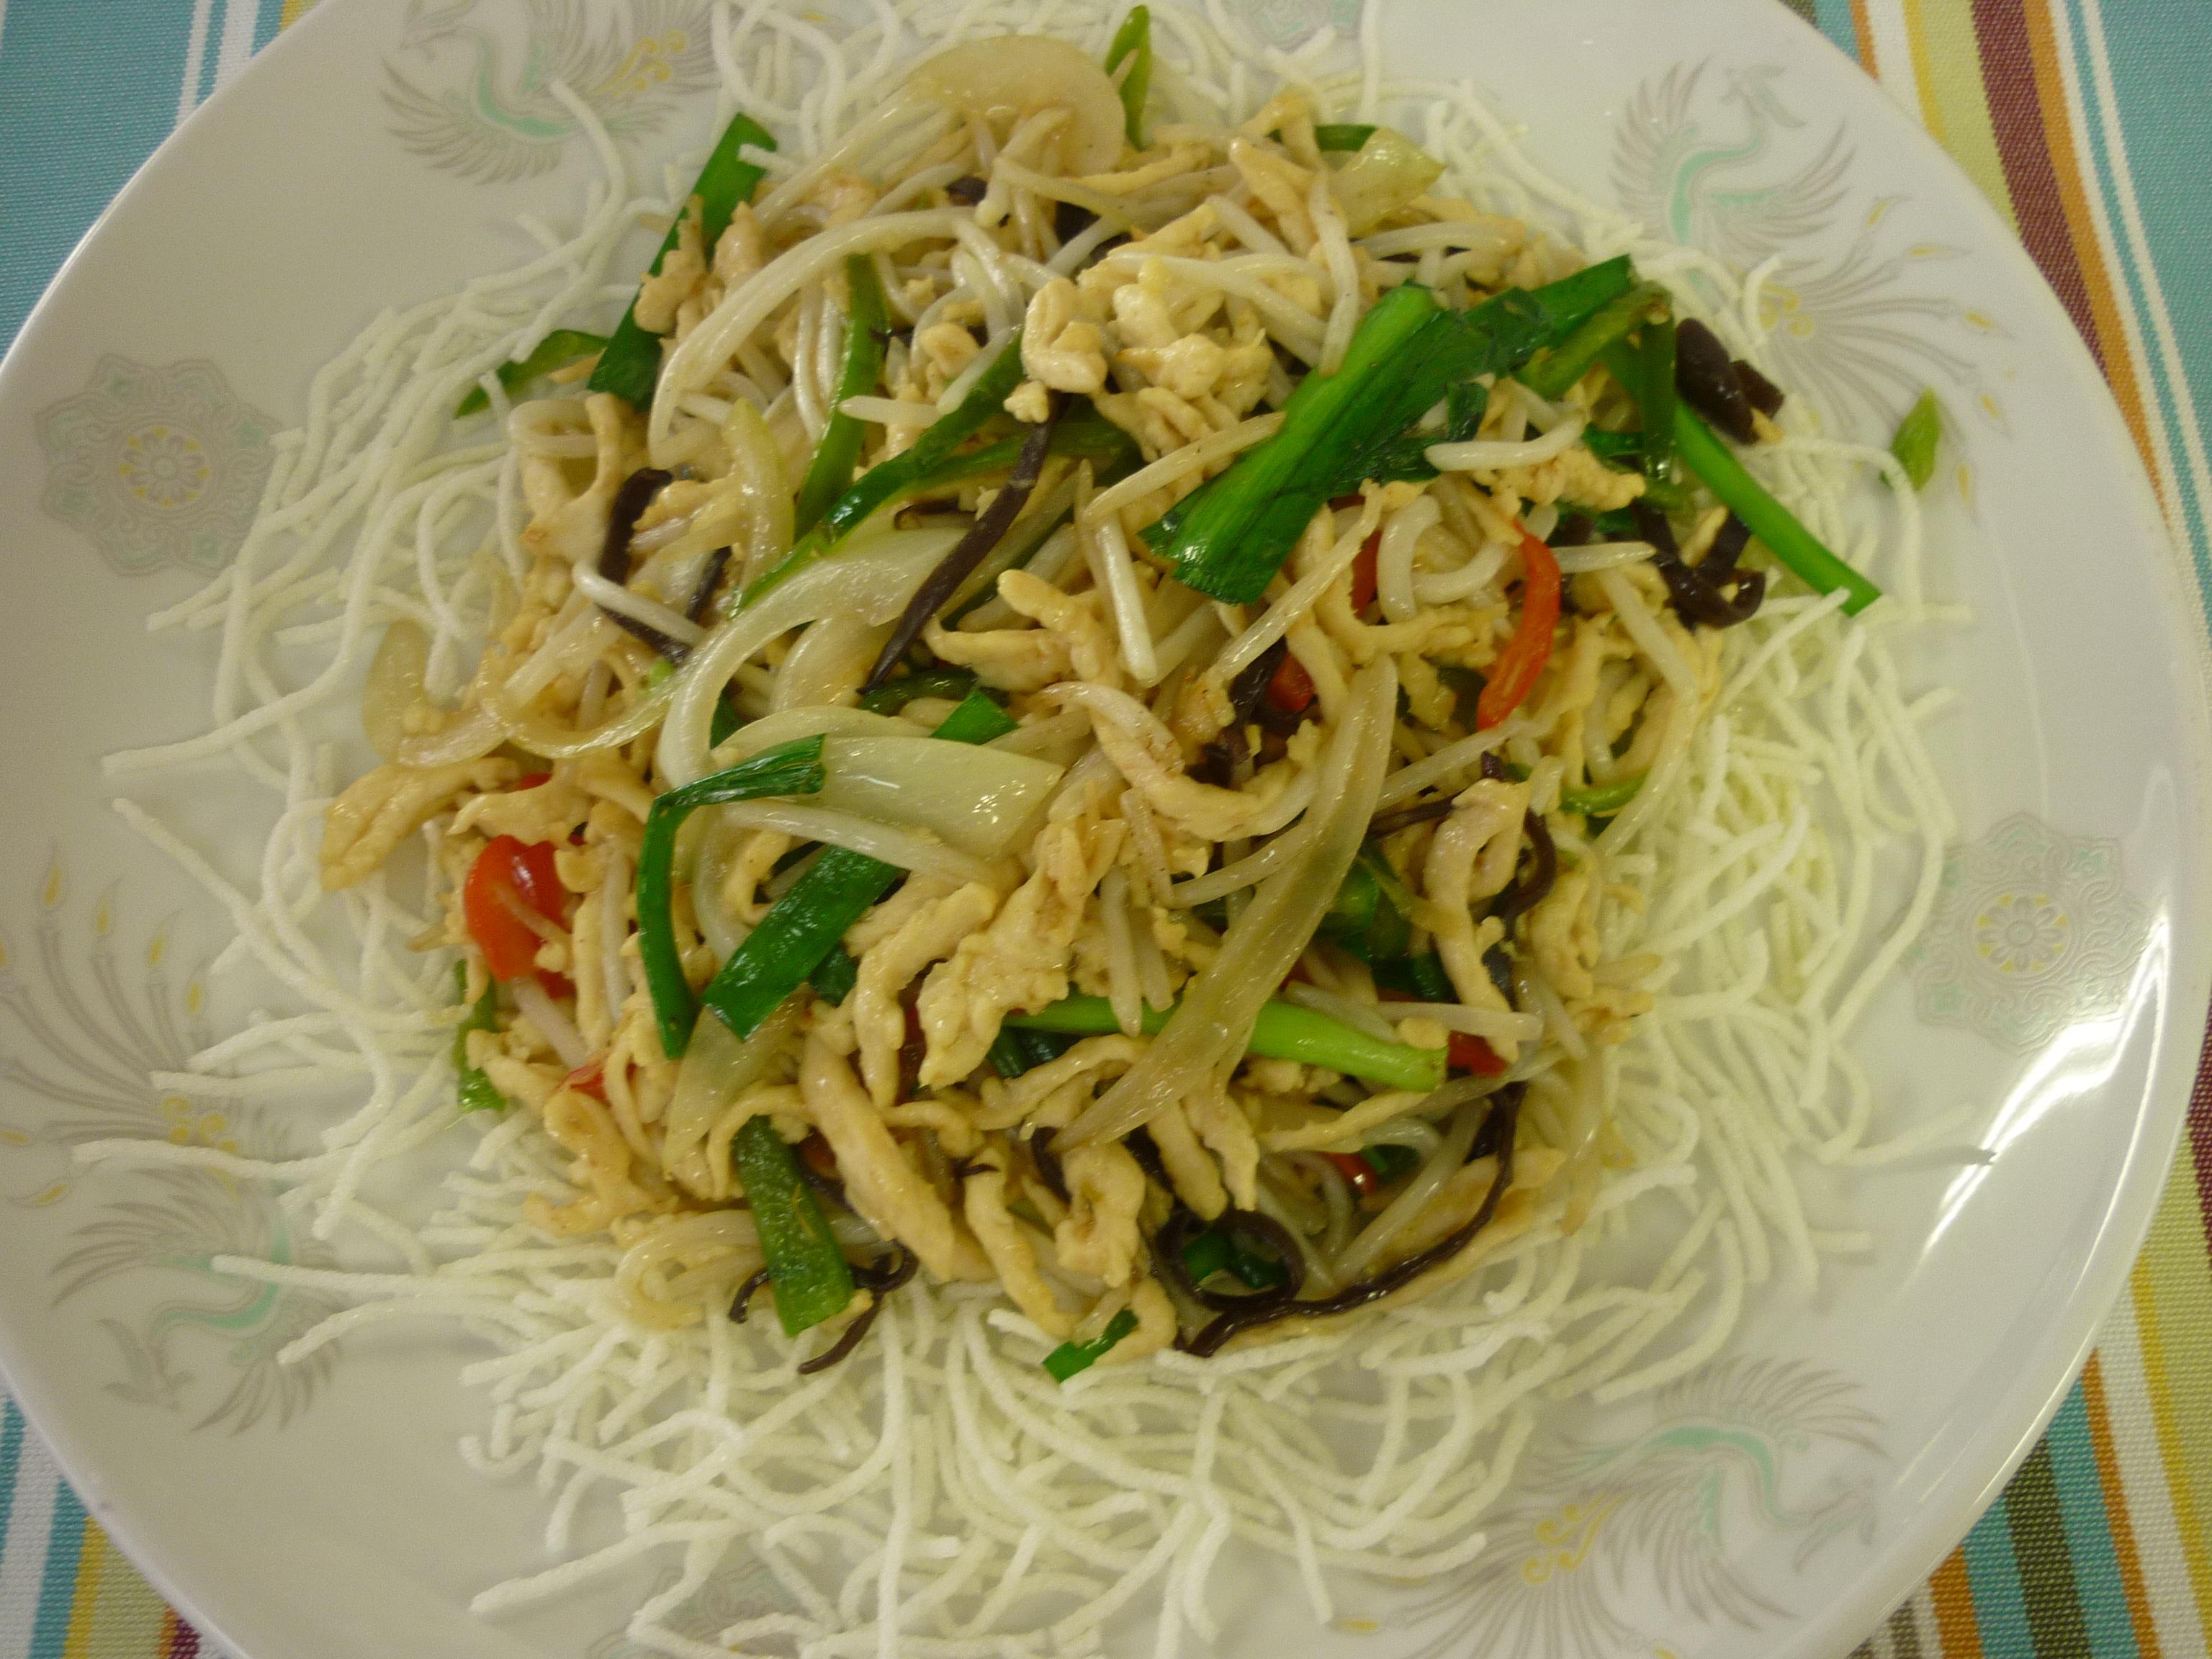 銀芽炒鶏絲(もやしと鶏肉の細切り炒め)